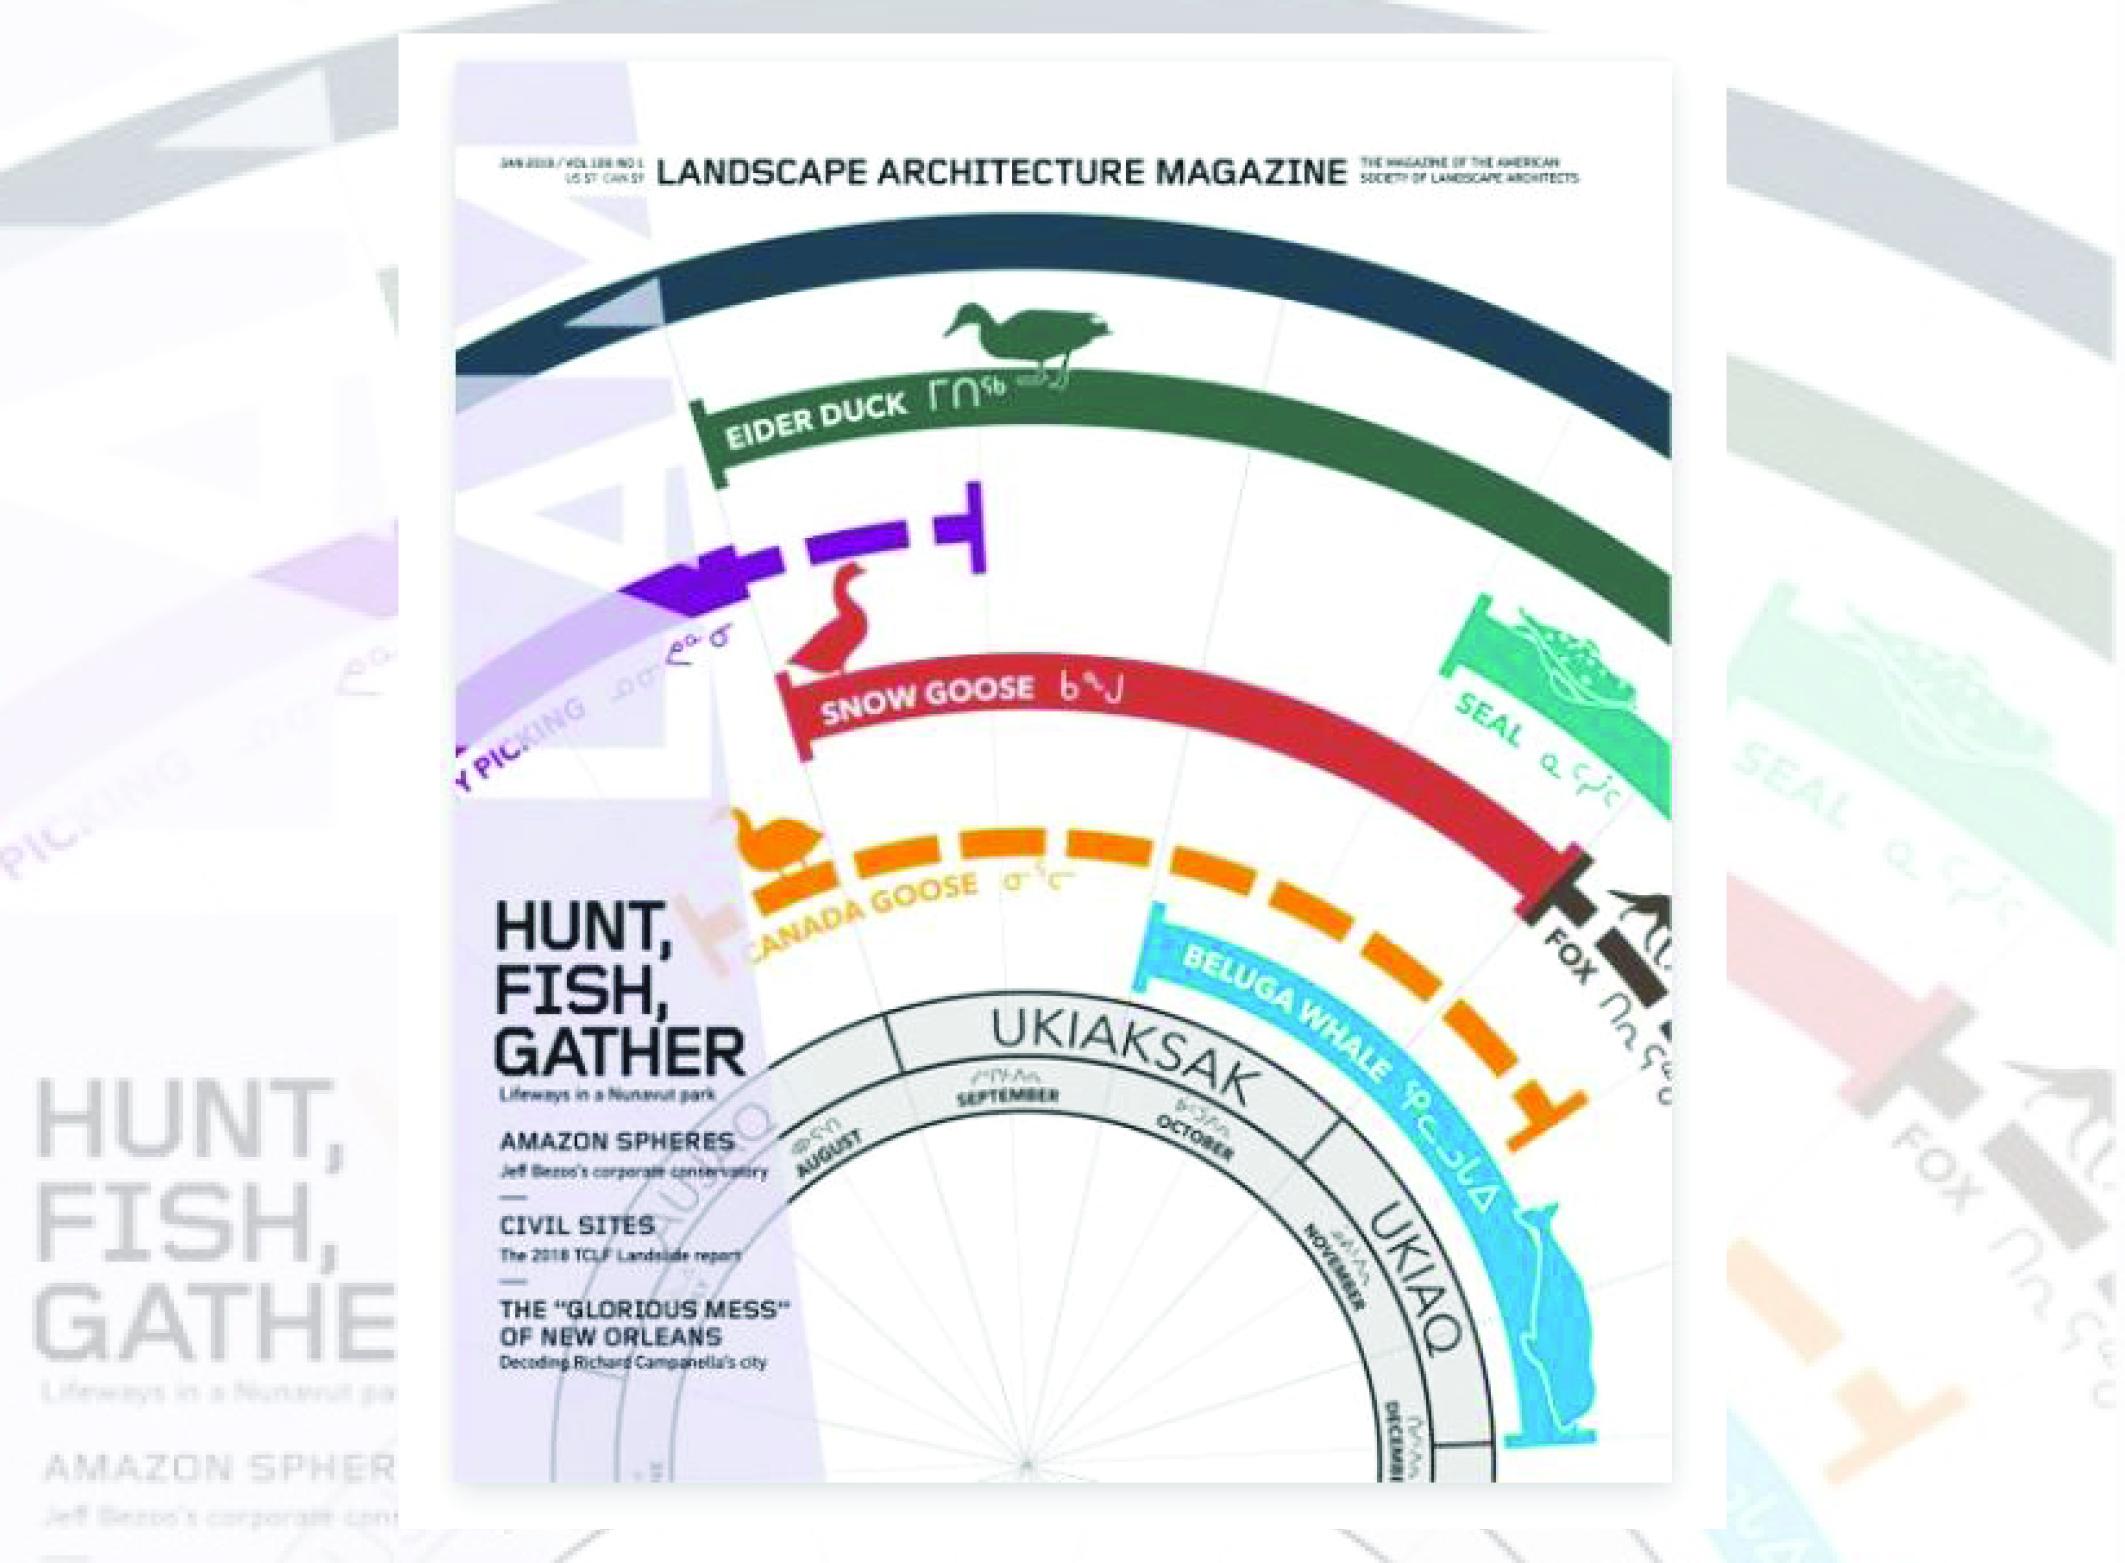 Crerar Science Quadrangle Lands a Feature in Landscape Architecture Magazine